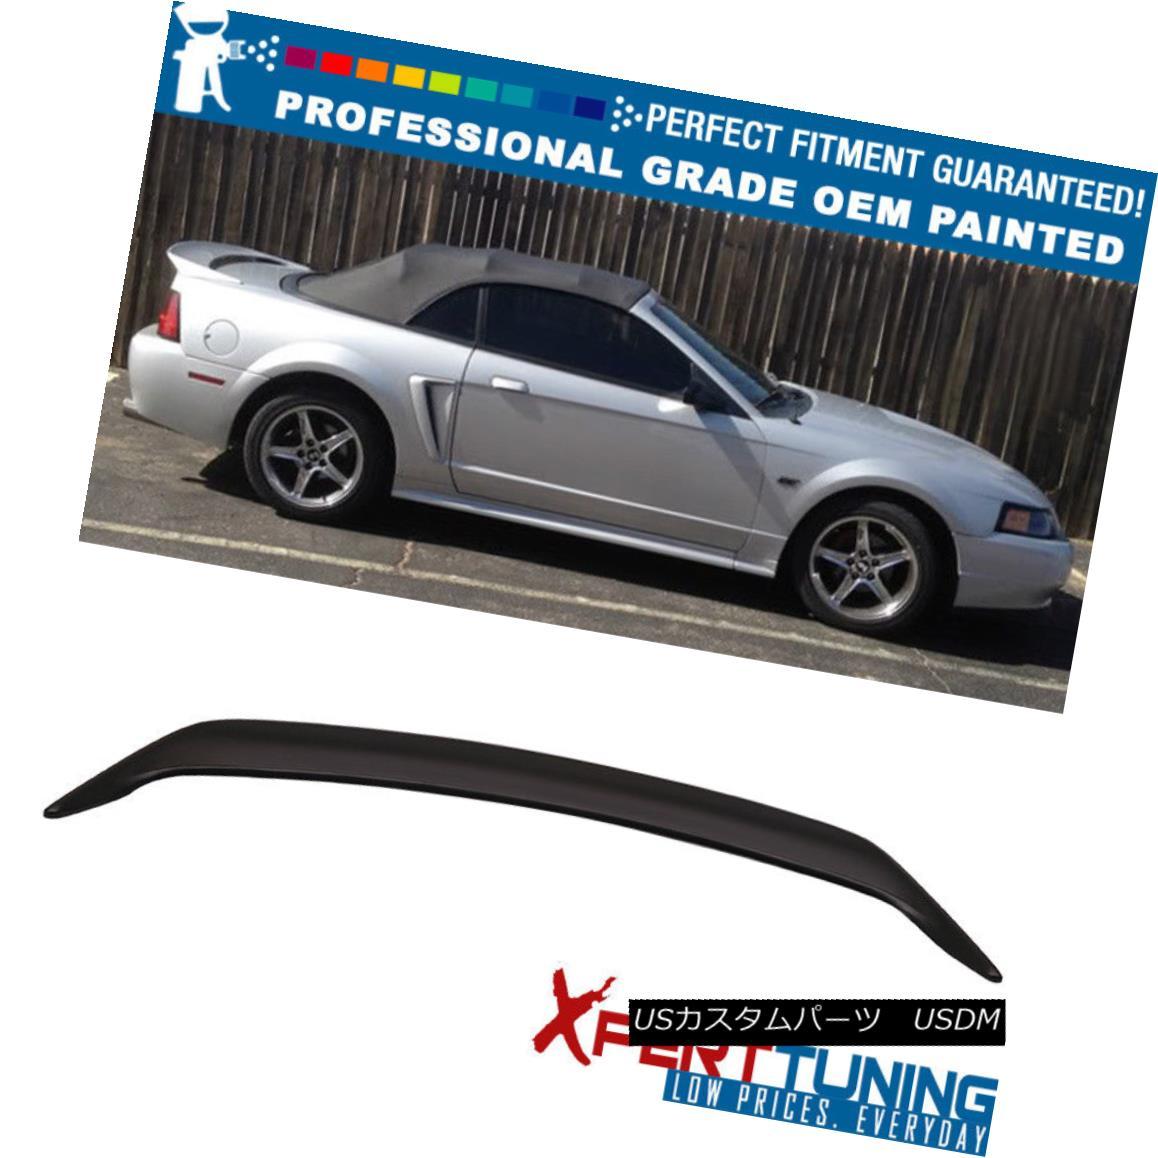 エアロパーツ Fits 99-04 Ford Mustang OE Factory Style Trunk Spoiler Wing - OEM Painted Color 99-04 Ford Mustang OE工場スタイルのトランク・スポイラー・ウィング - OEM塗装カラーに適合